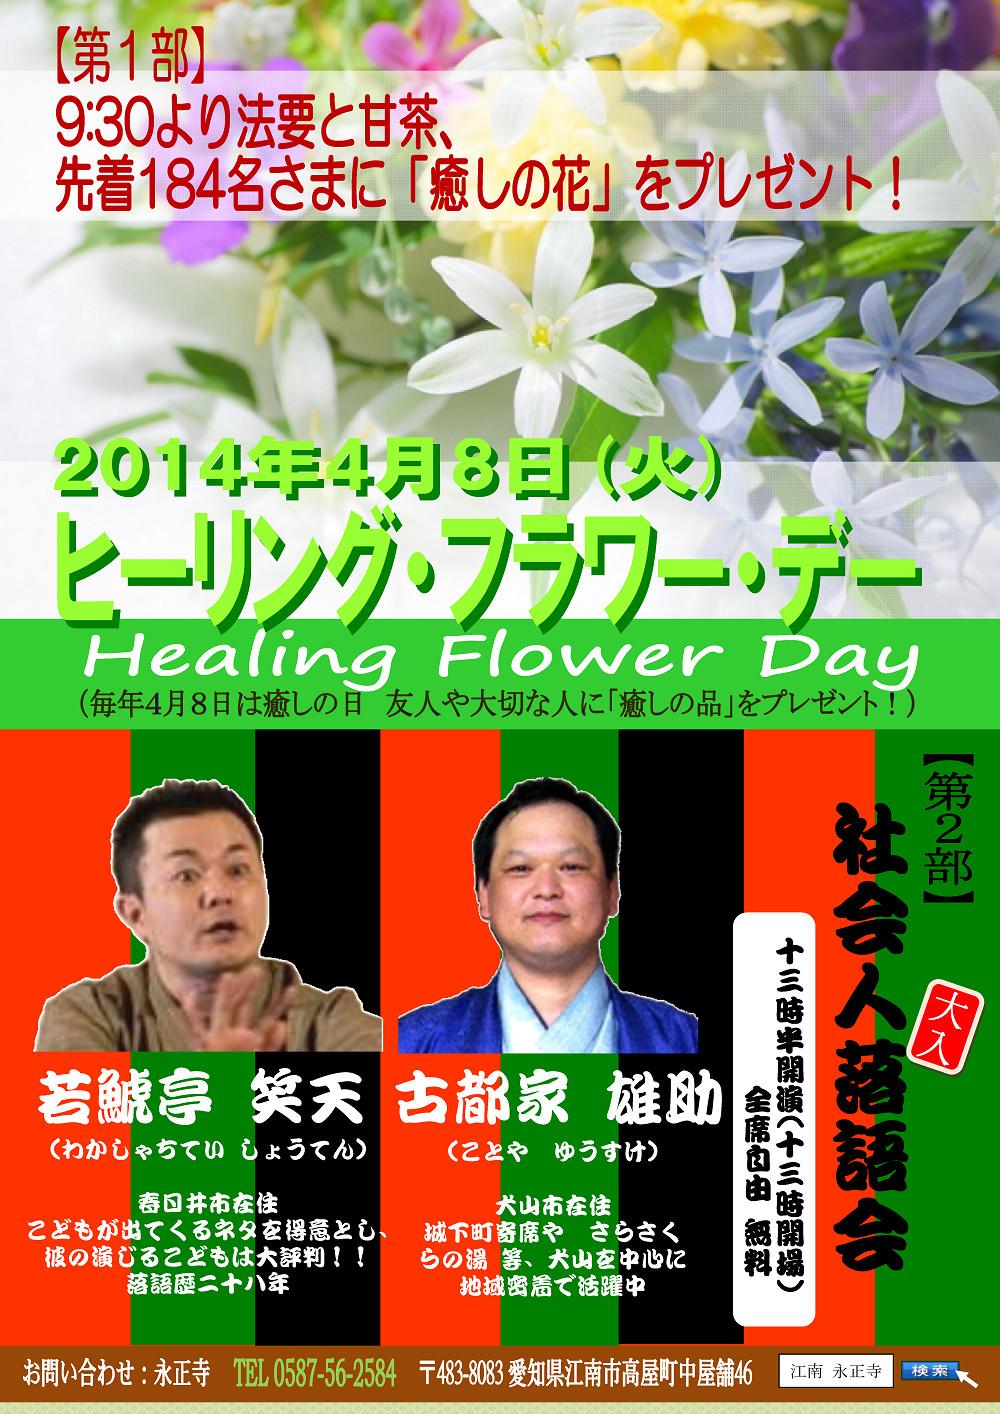 江南 永正寺 ヒーリング・フラワー・デー2014 チラシ